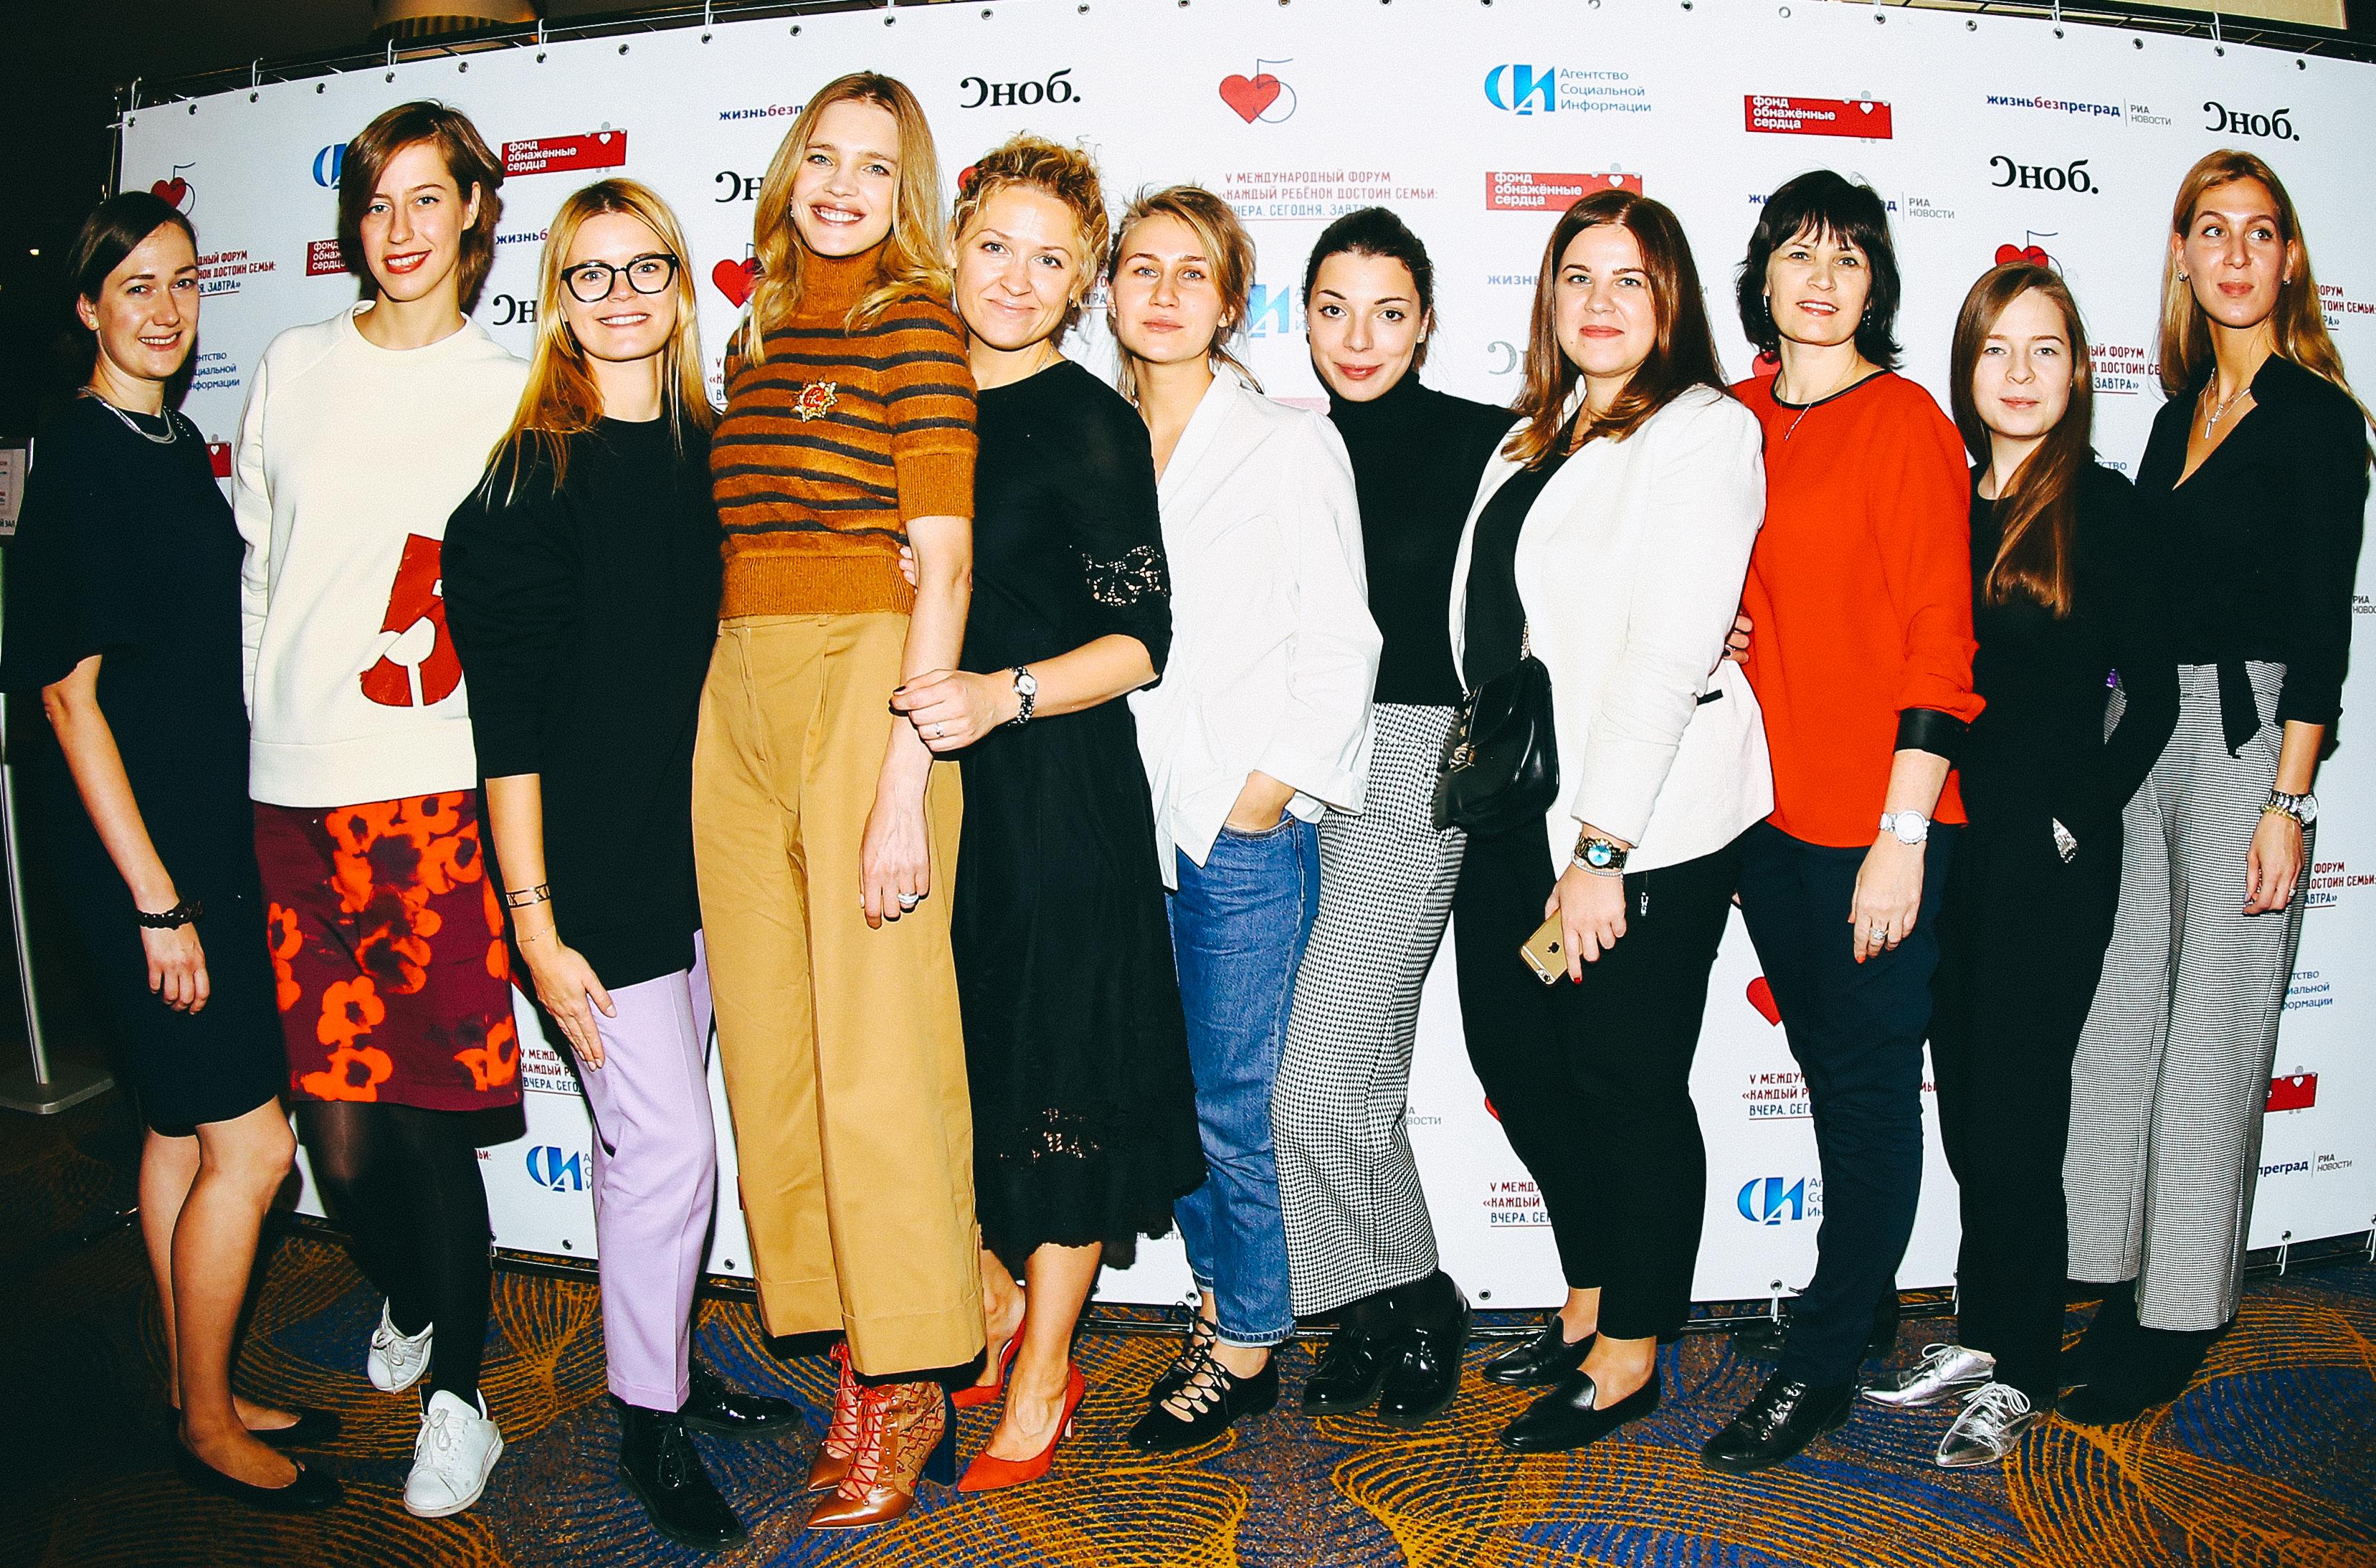 komanda-fonda-obnazhennye-serdca-5th-forum-public-talk-photo-by-afinsky-26-oct-2016-21